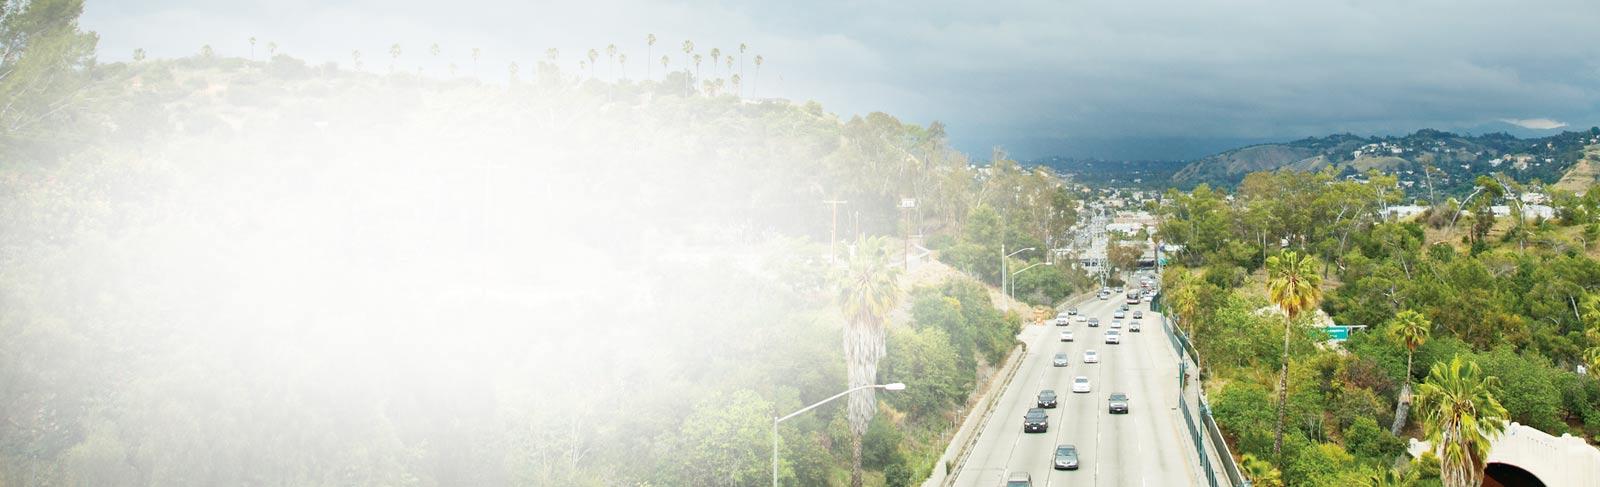 Autoroute près d'une ville. Lisez les témoignages de clients SharePoint2013 du monde entier.